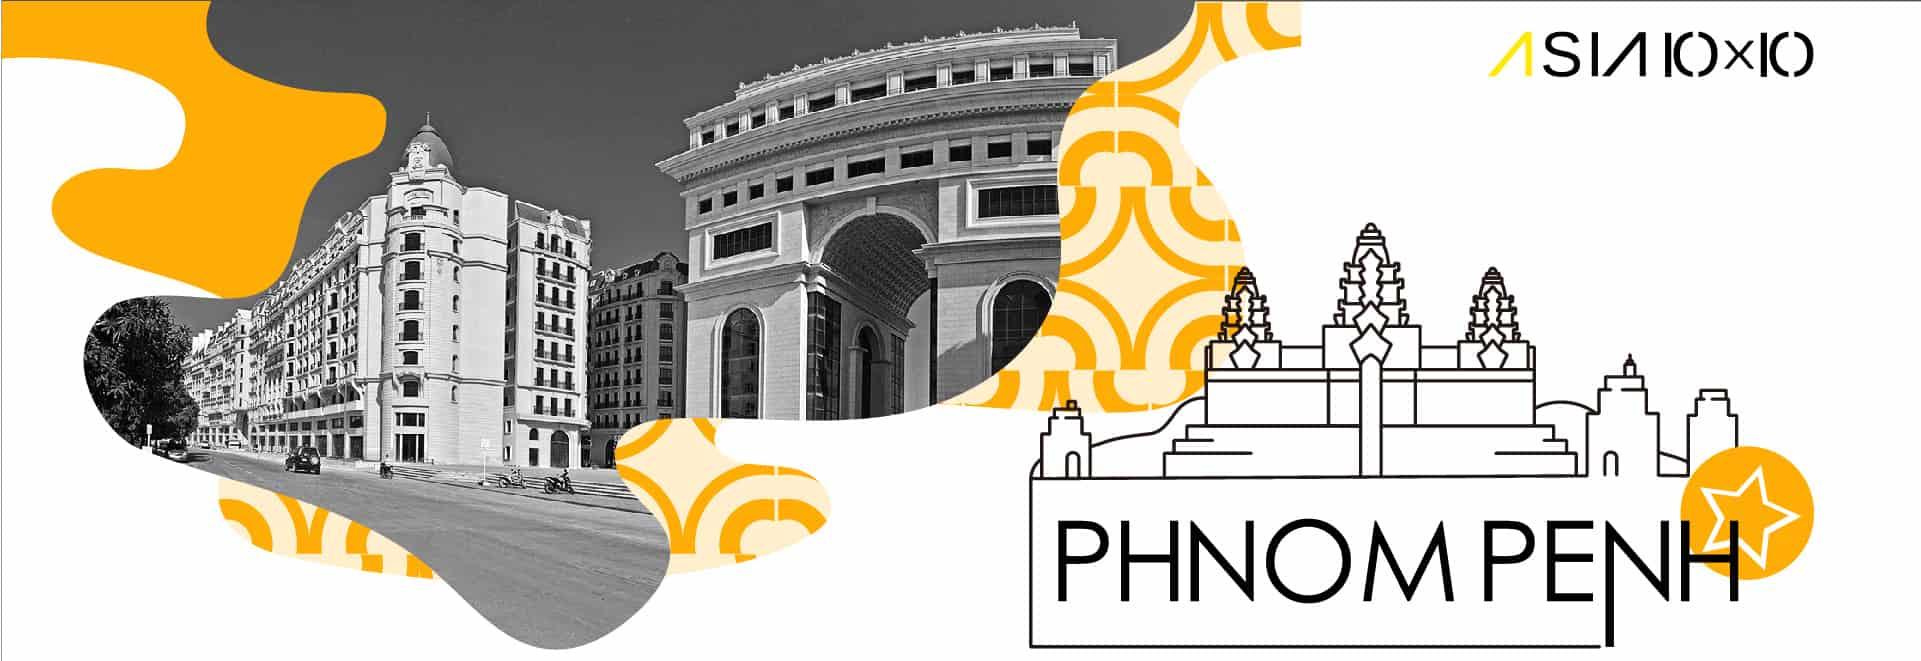 bg-asia1010-CambodiaPhnom-Penh